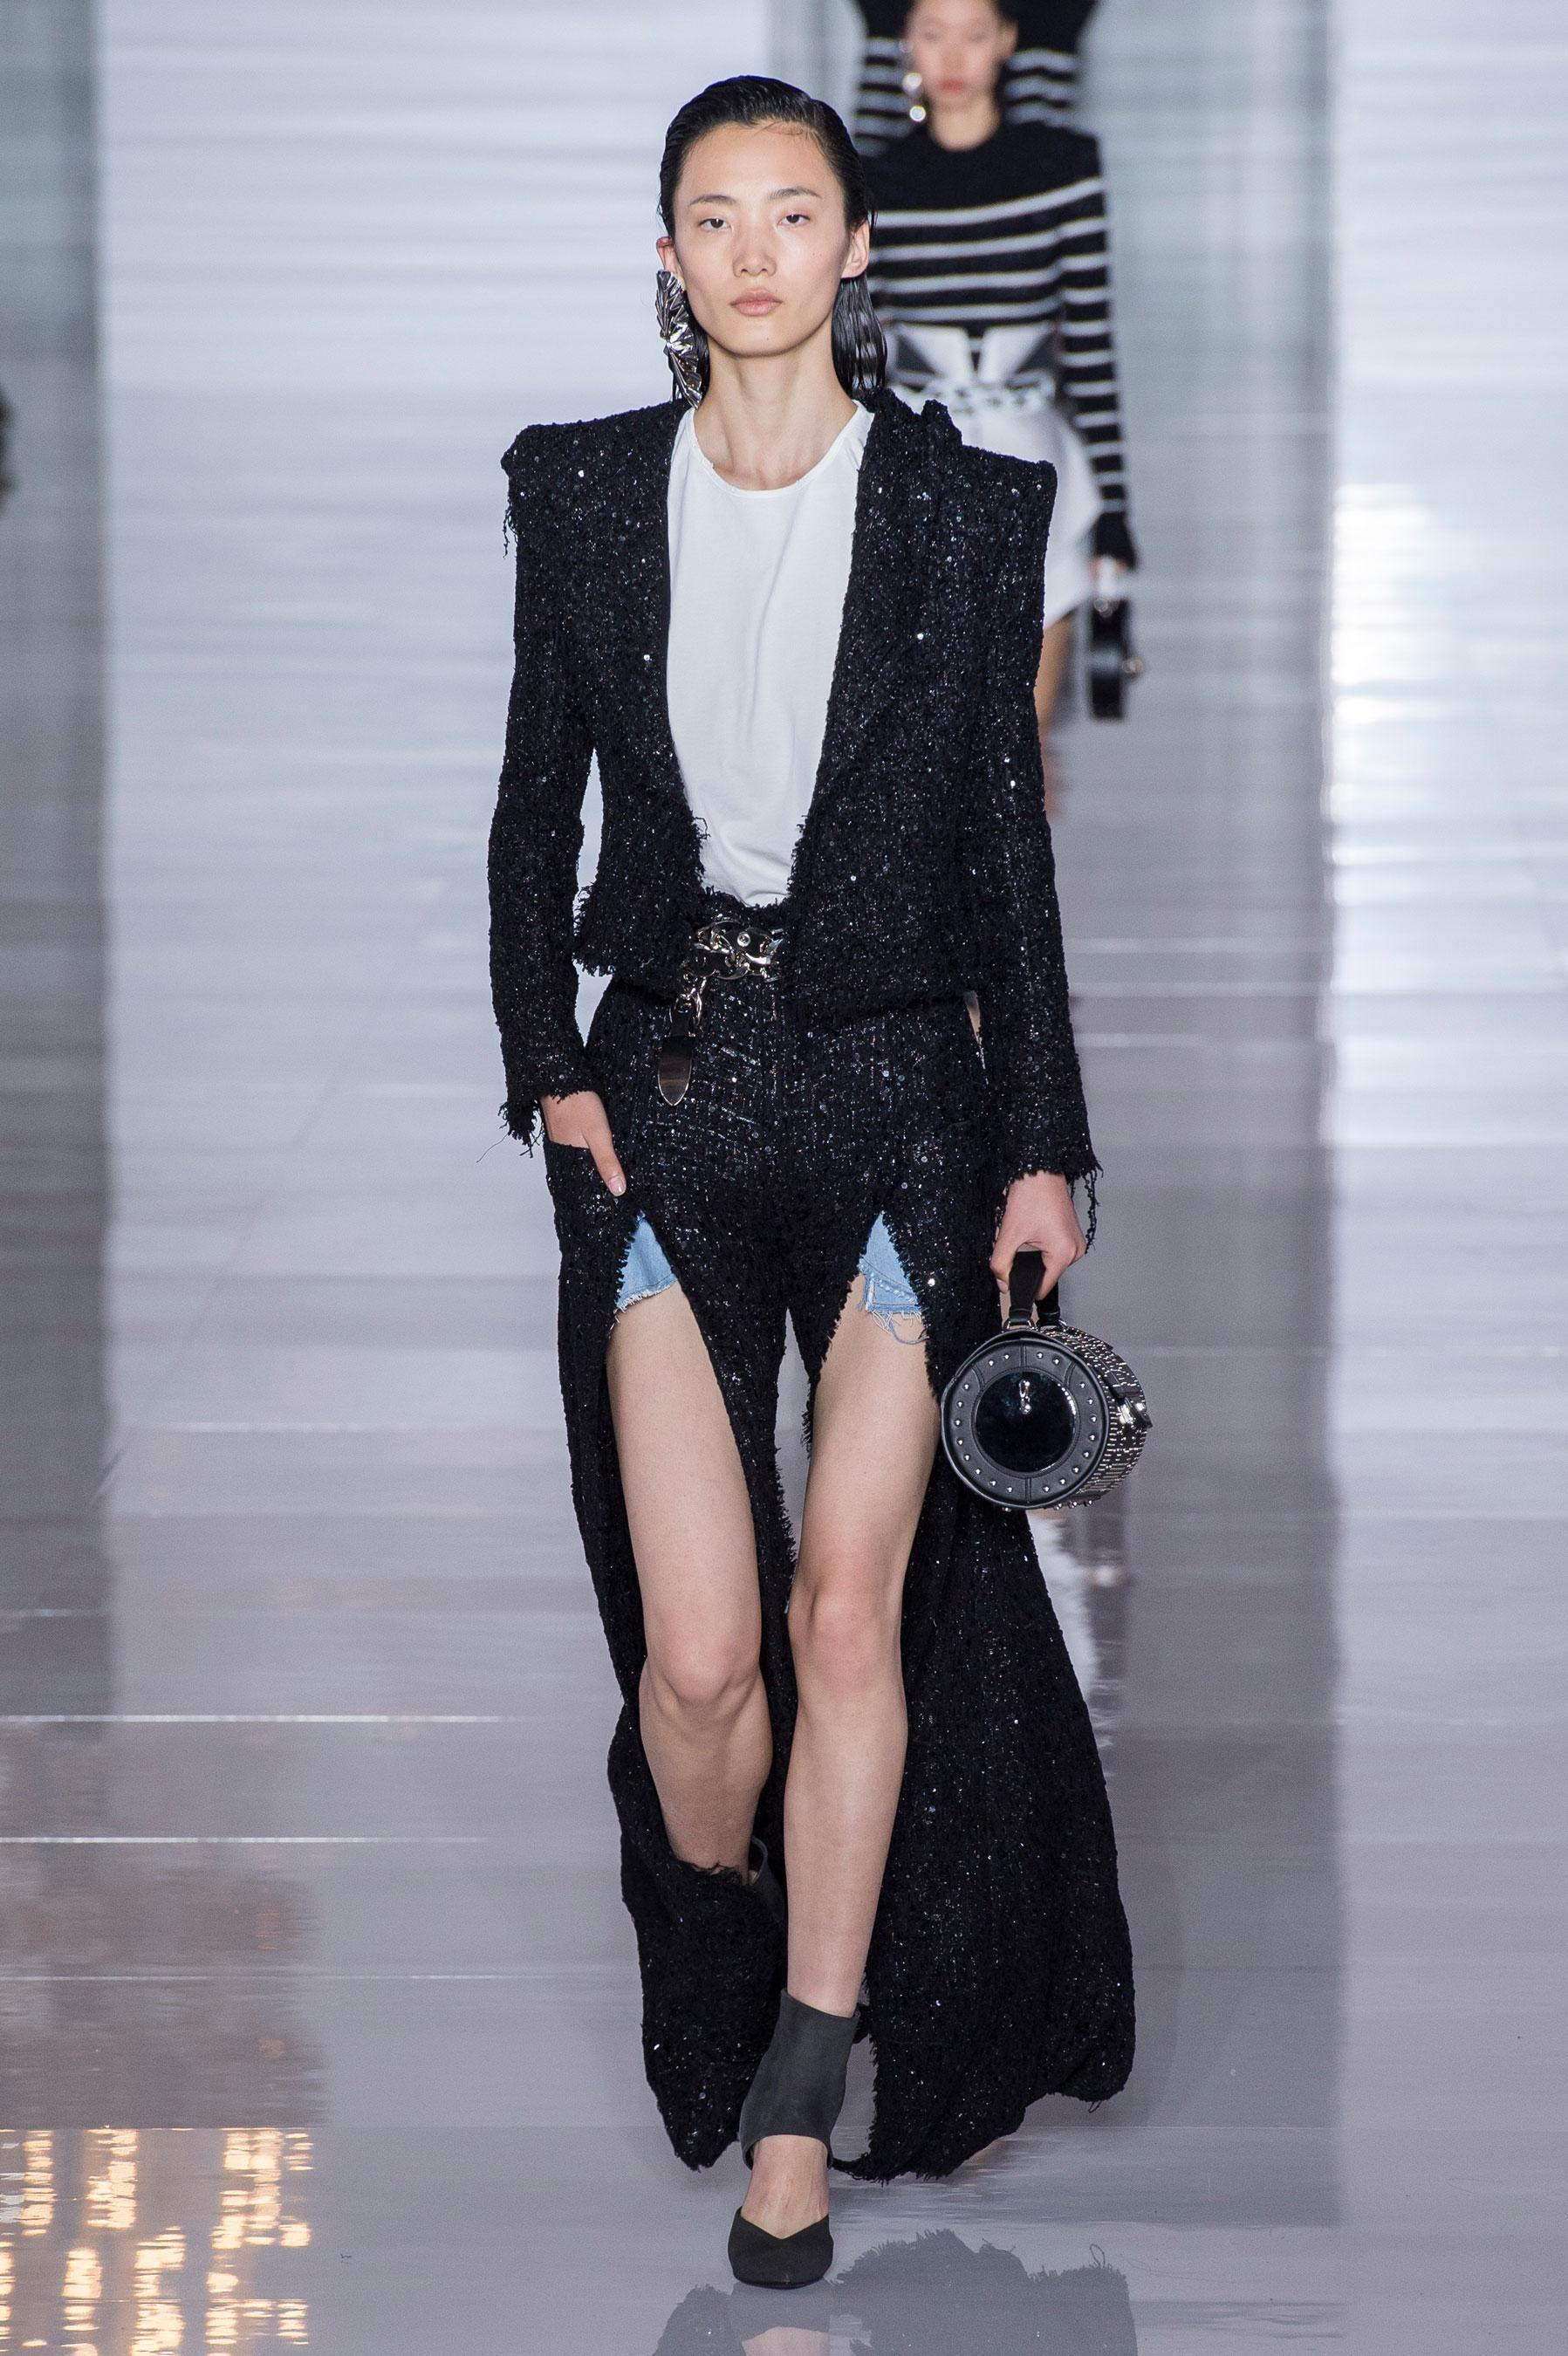 04e0420d9eec Défilé Balmain Prêt-à-porter printemps-été 2019 Paris Fashion Week Olivier  Rousteing Femme women ss19